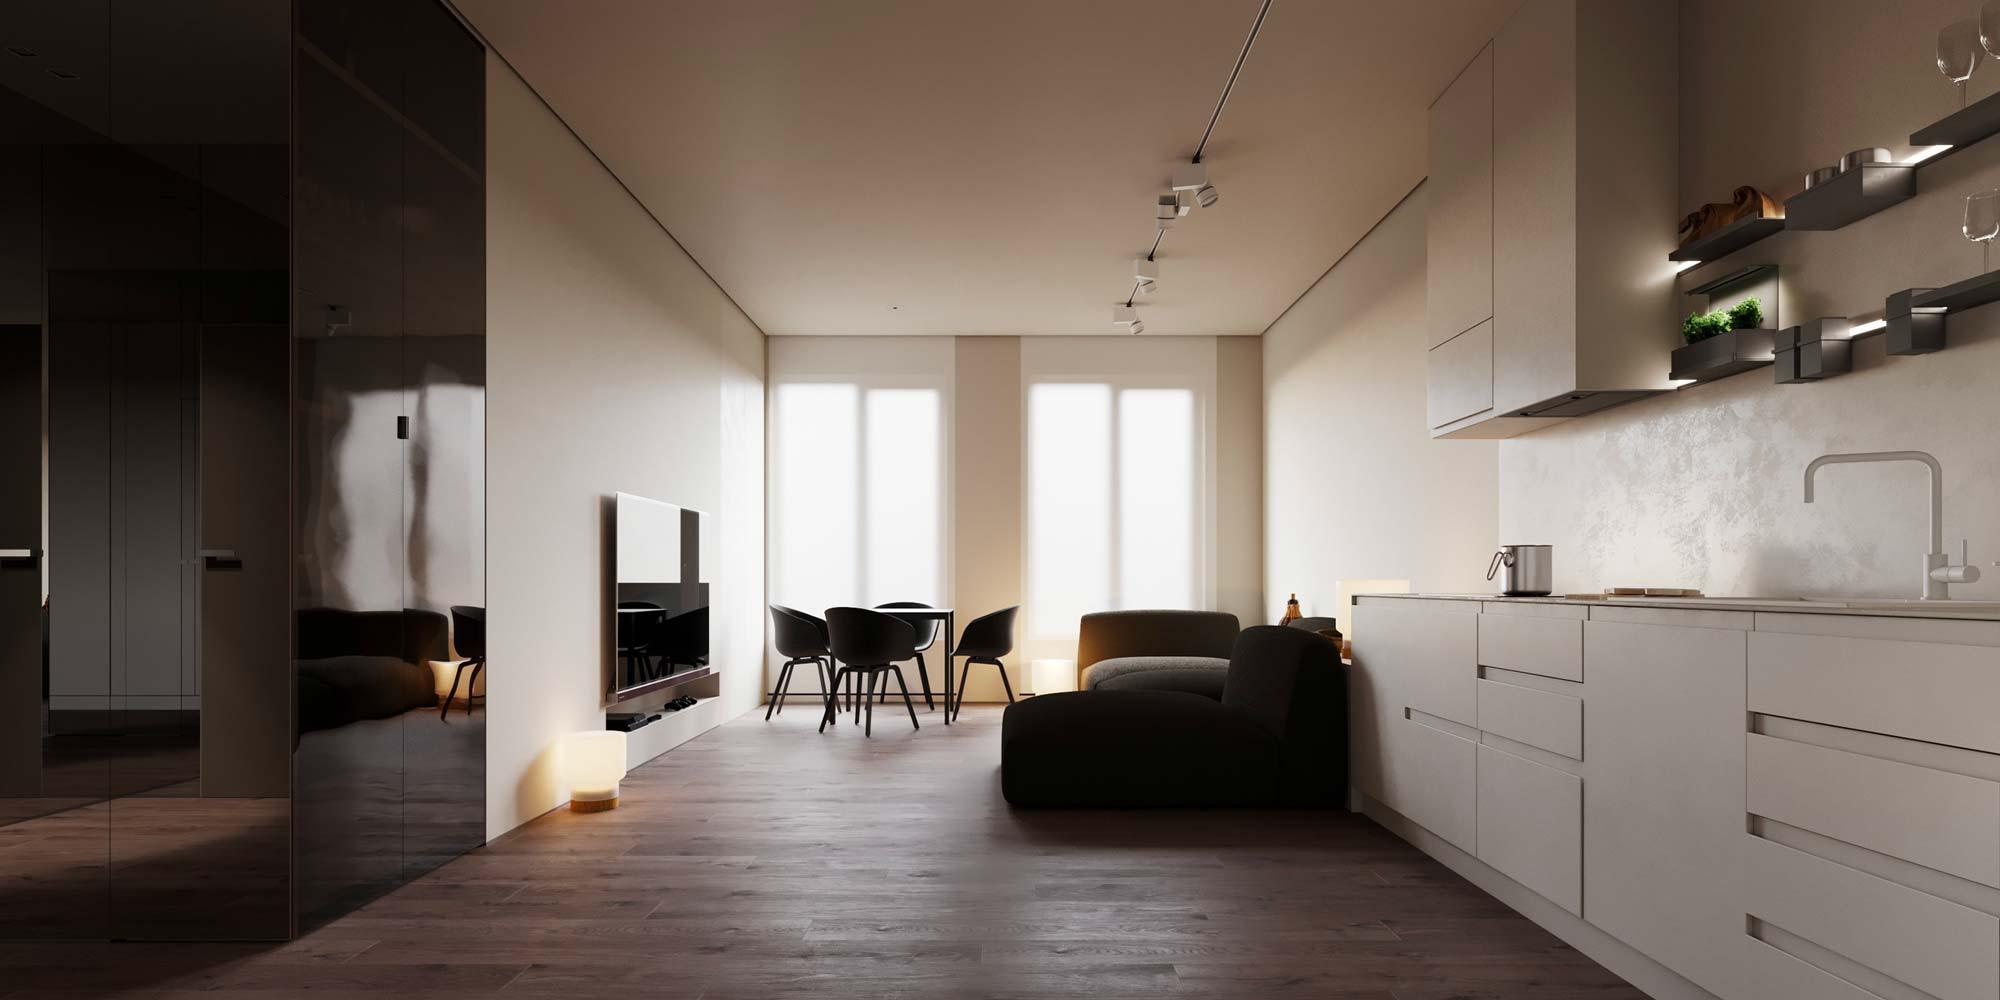 Une cuisine minimaliste blanche et noir avec un éclairage néon sur les étagères